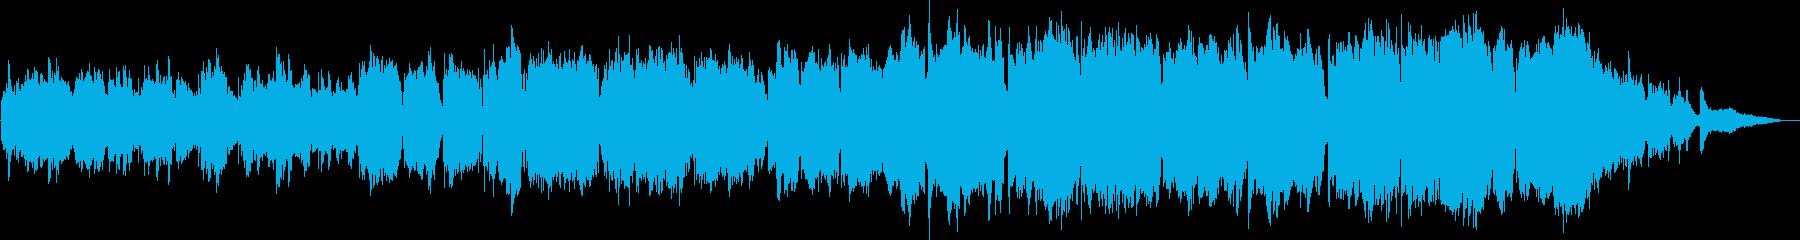 感動的なトランペットバラードの再生済みの波形